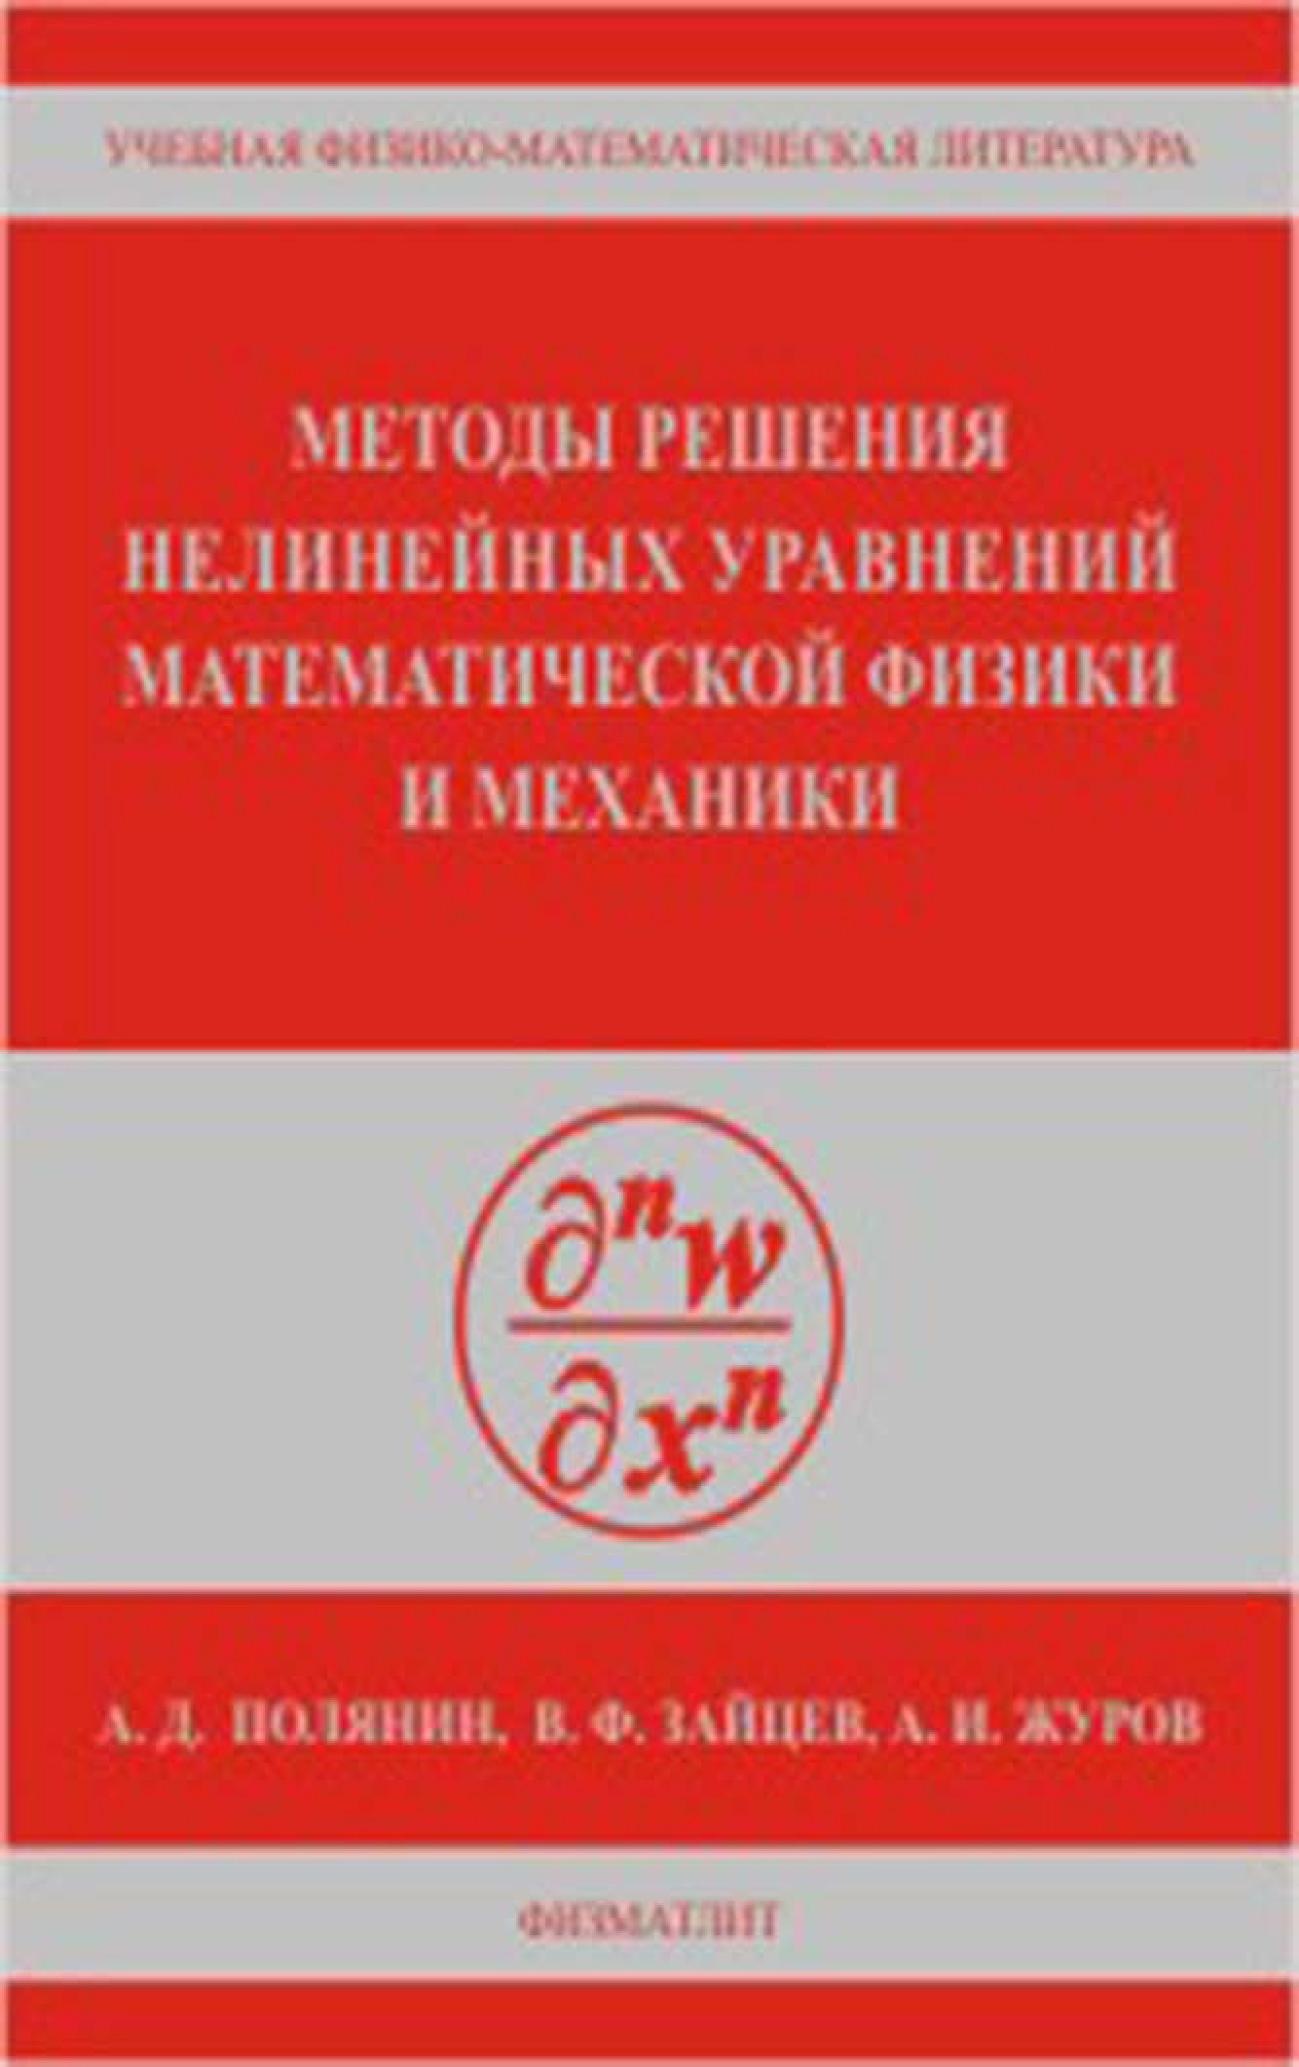 Андрей Полянин Методы решения нелинейных уравнений математической физики и механики цена